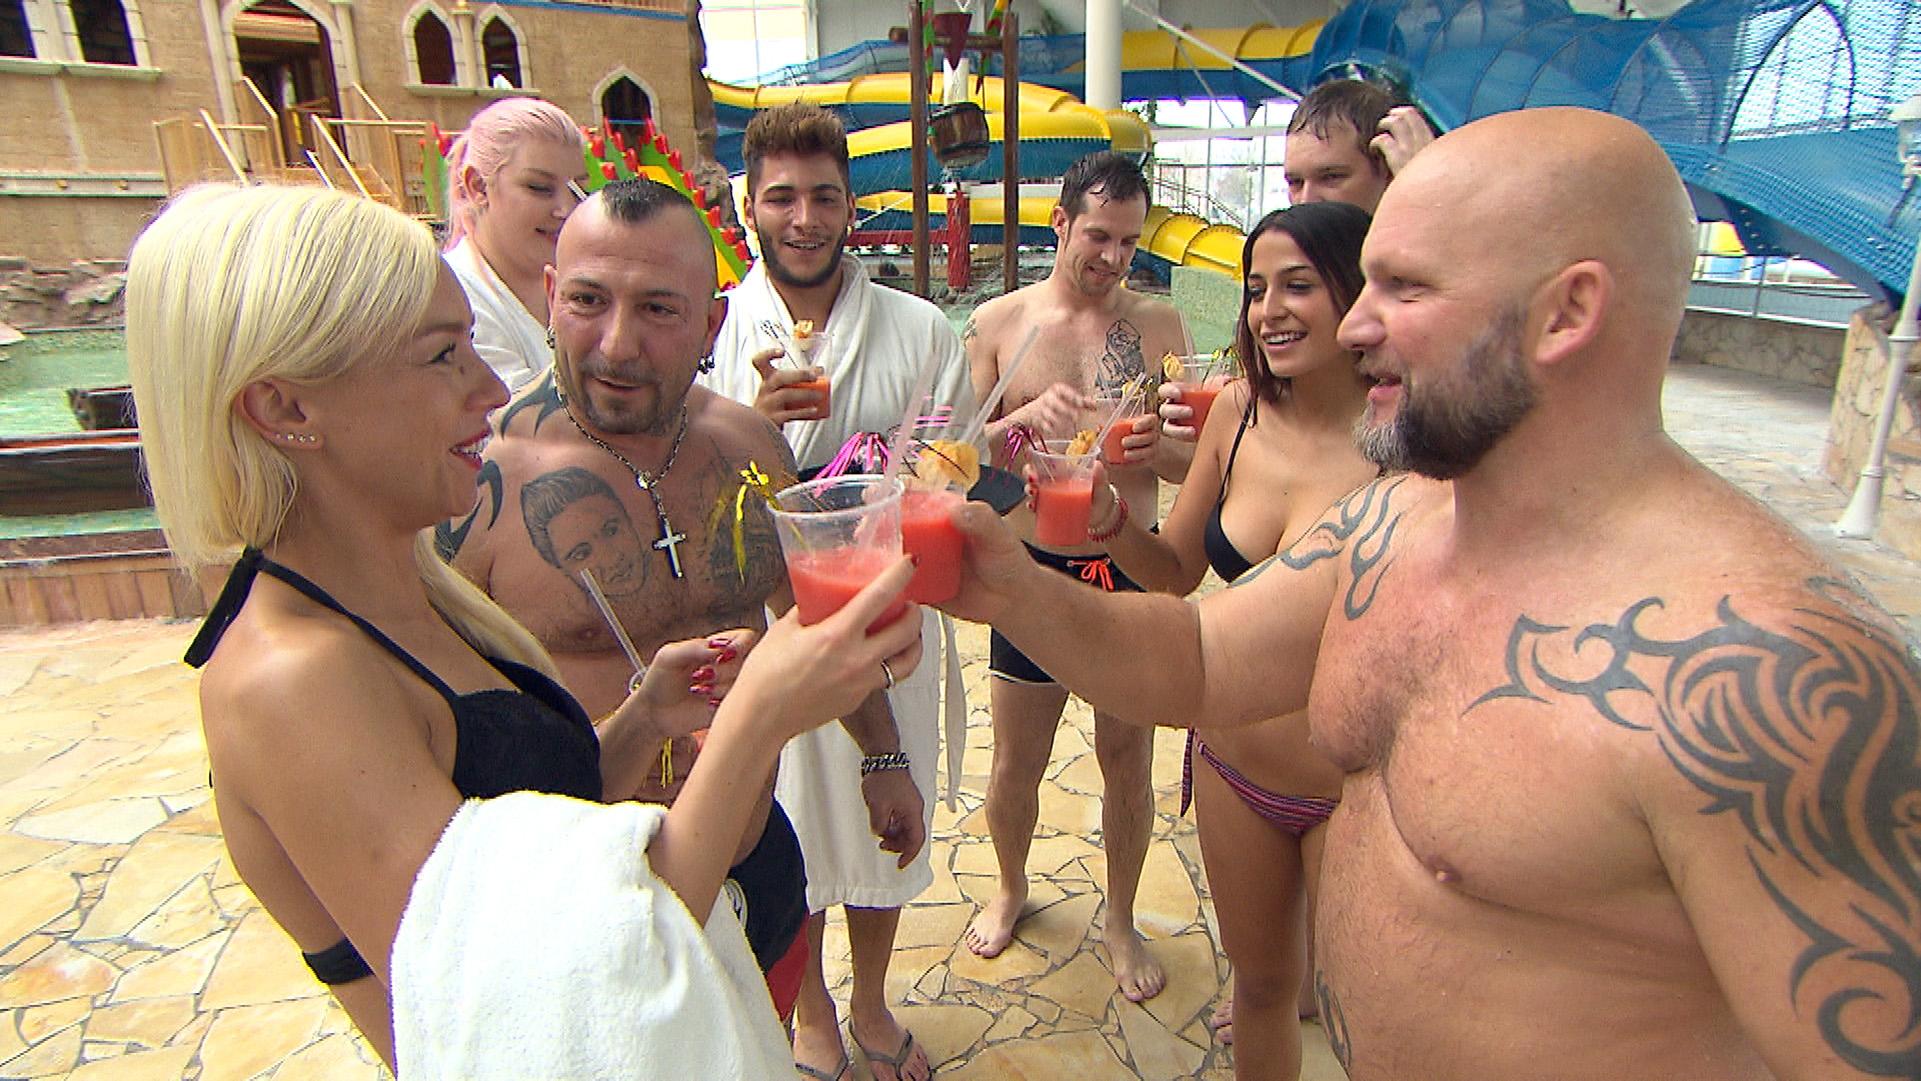 Joe (re.) hat für Peggys (li.) Geburtstag einen ganzen Tag lang ein Wellnessbad gemietet. Dort wollen sie mit ihren Freunden feiern. (Quelle: RTL 2)